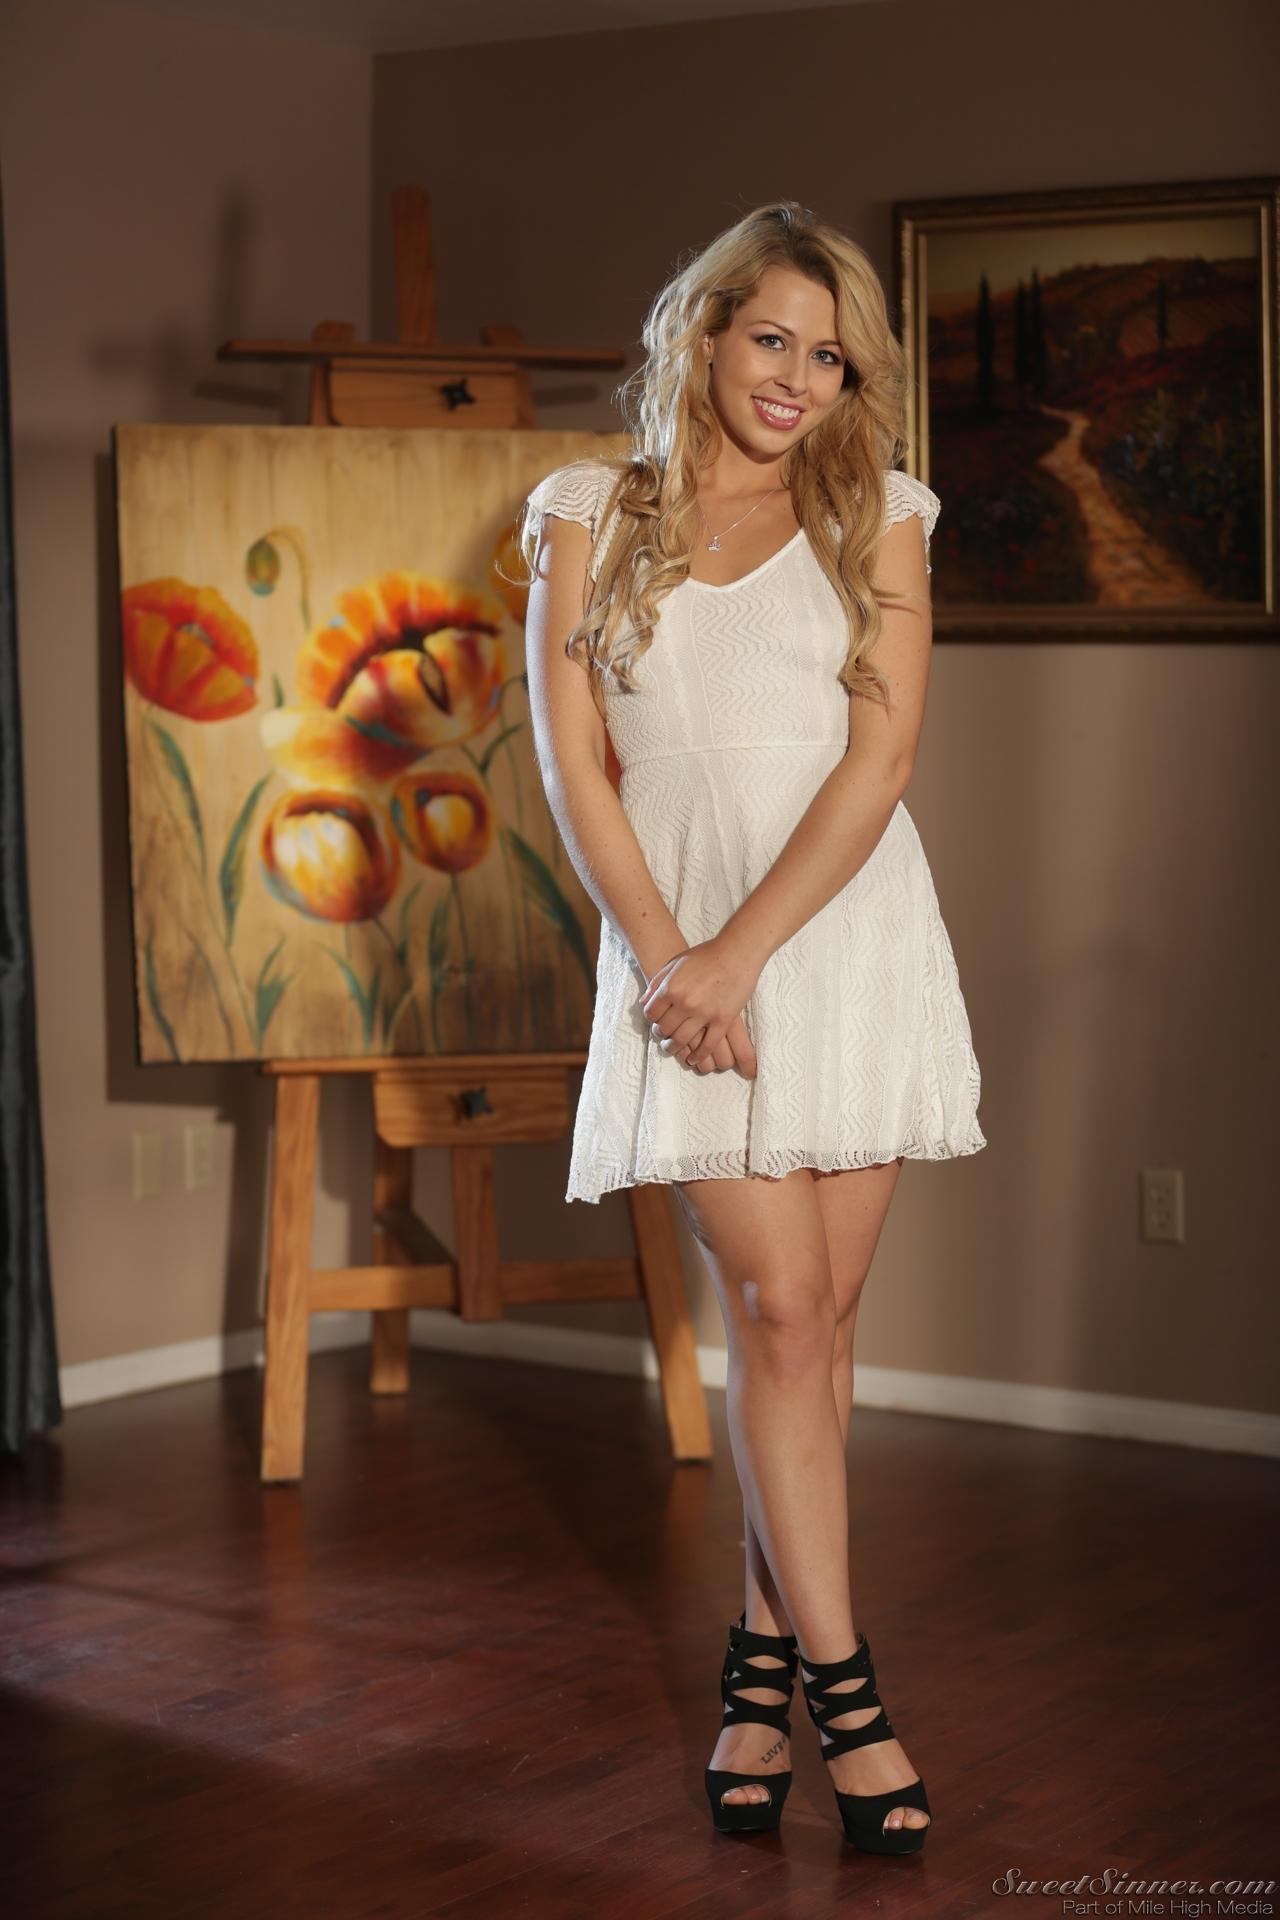 Zoey Monroe nude